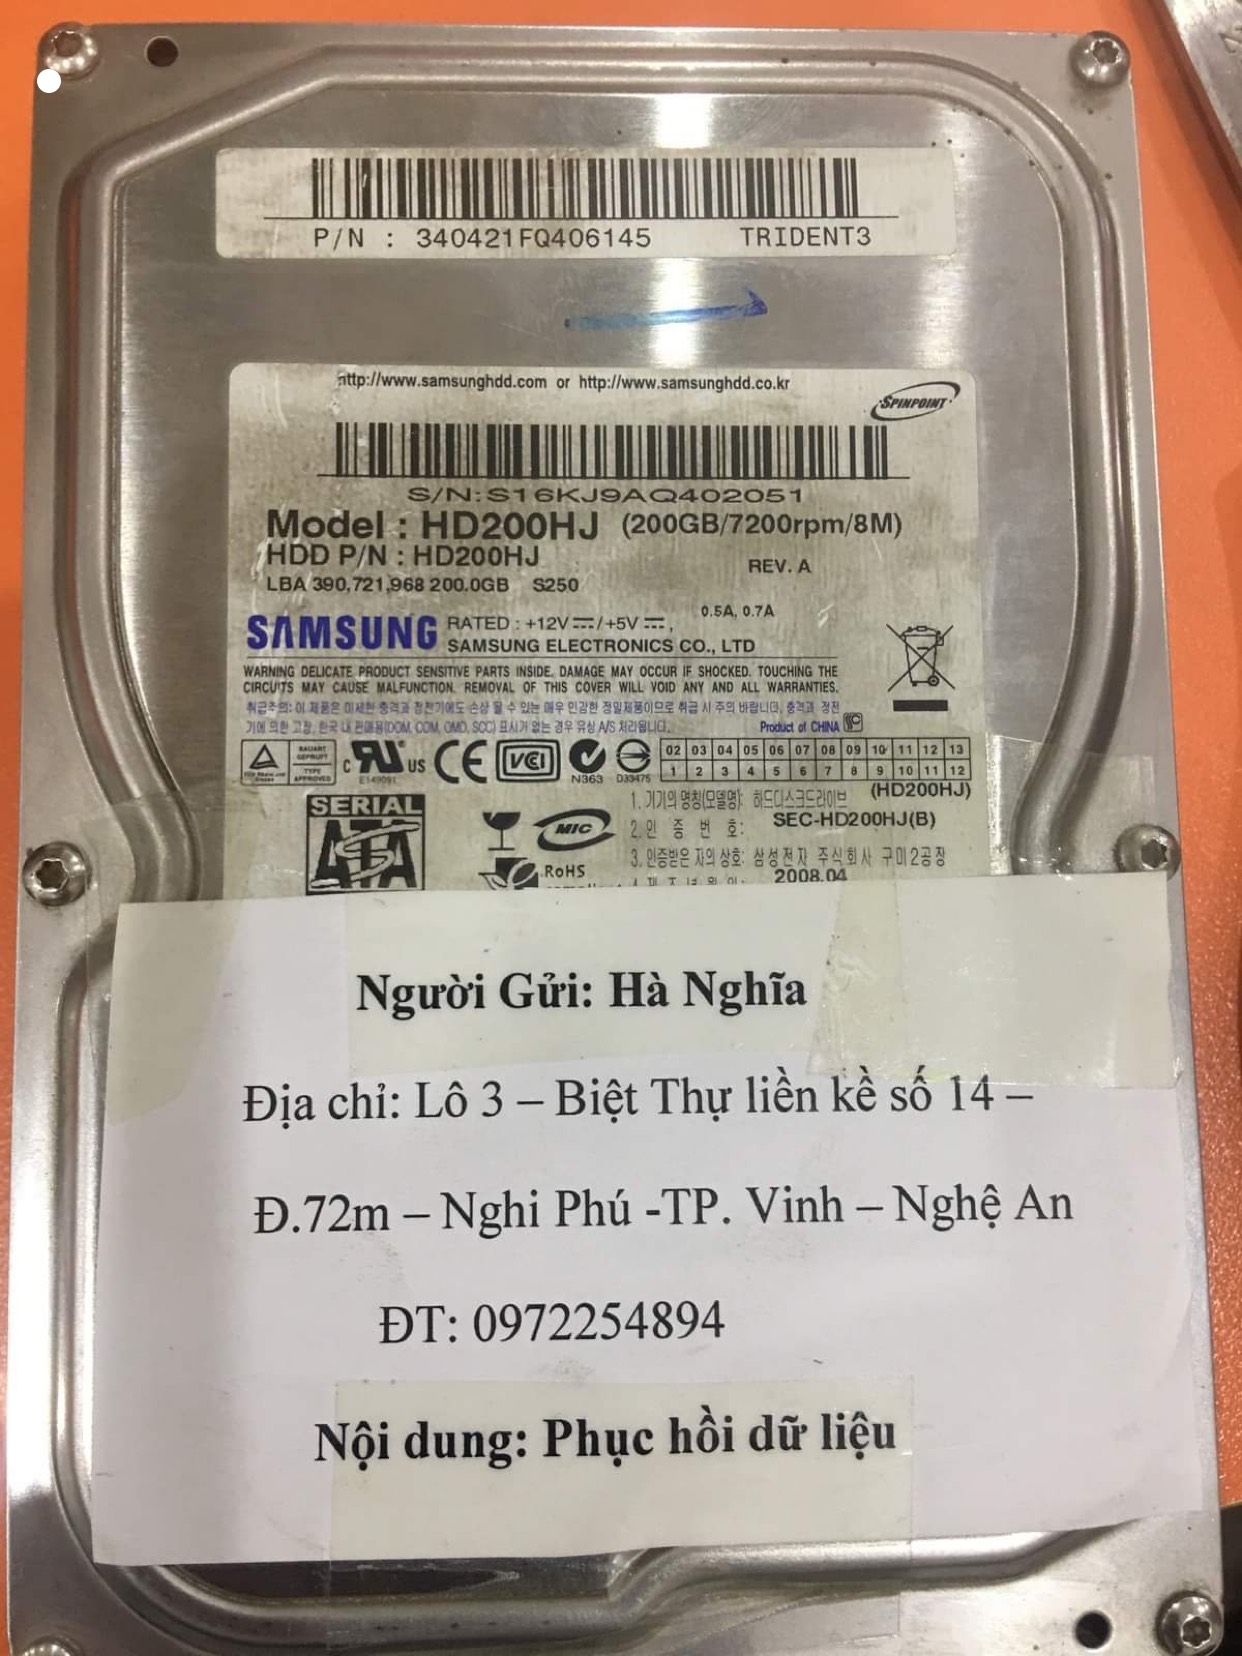 Phục hồi dữ liệu ổ cứng Samsung 200GB lỗi cơ tại Nghệ An 15/06/2020 - cuumaytinh